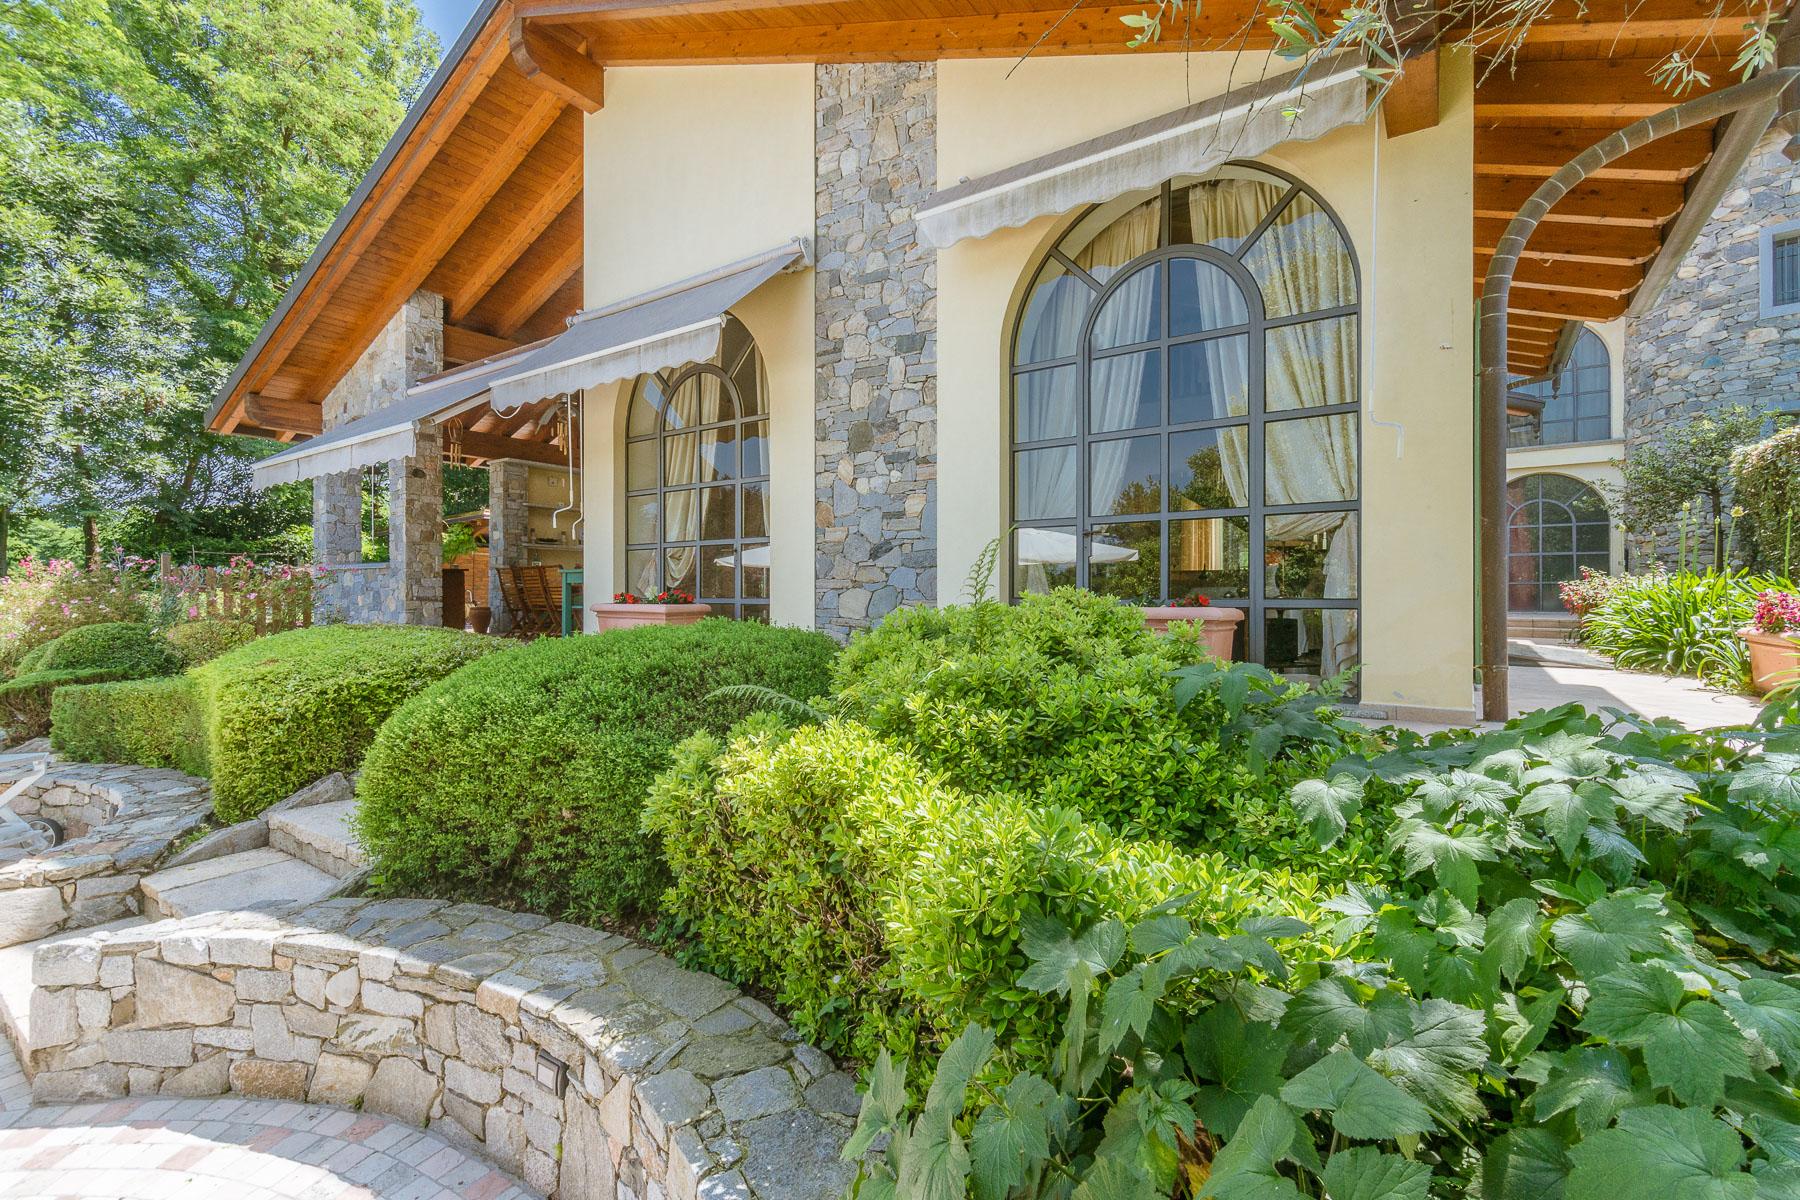 Villa in Vendita a Besozzo: 5 locali, 426 mq - Foto 2